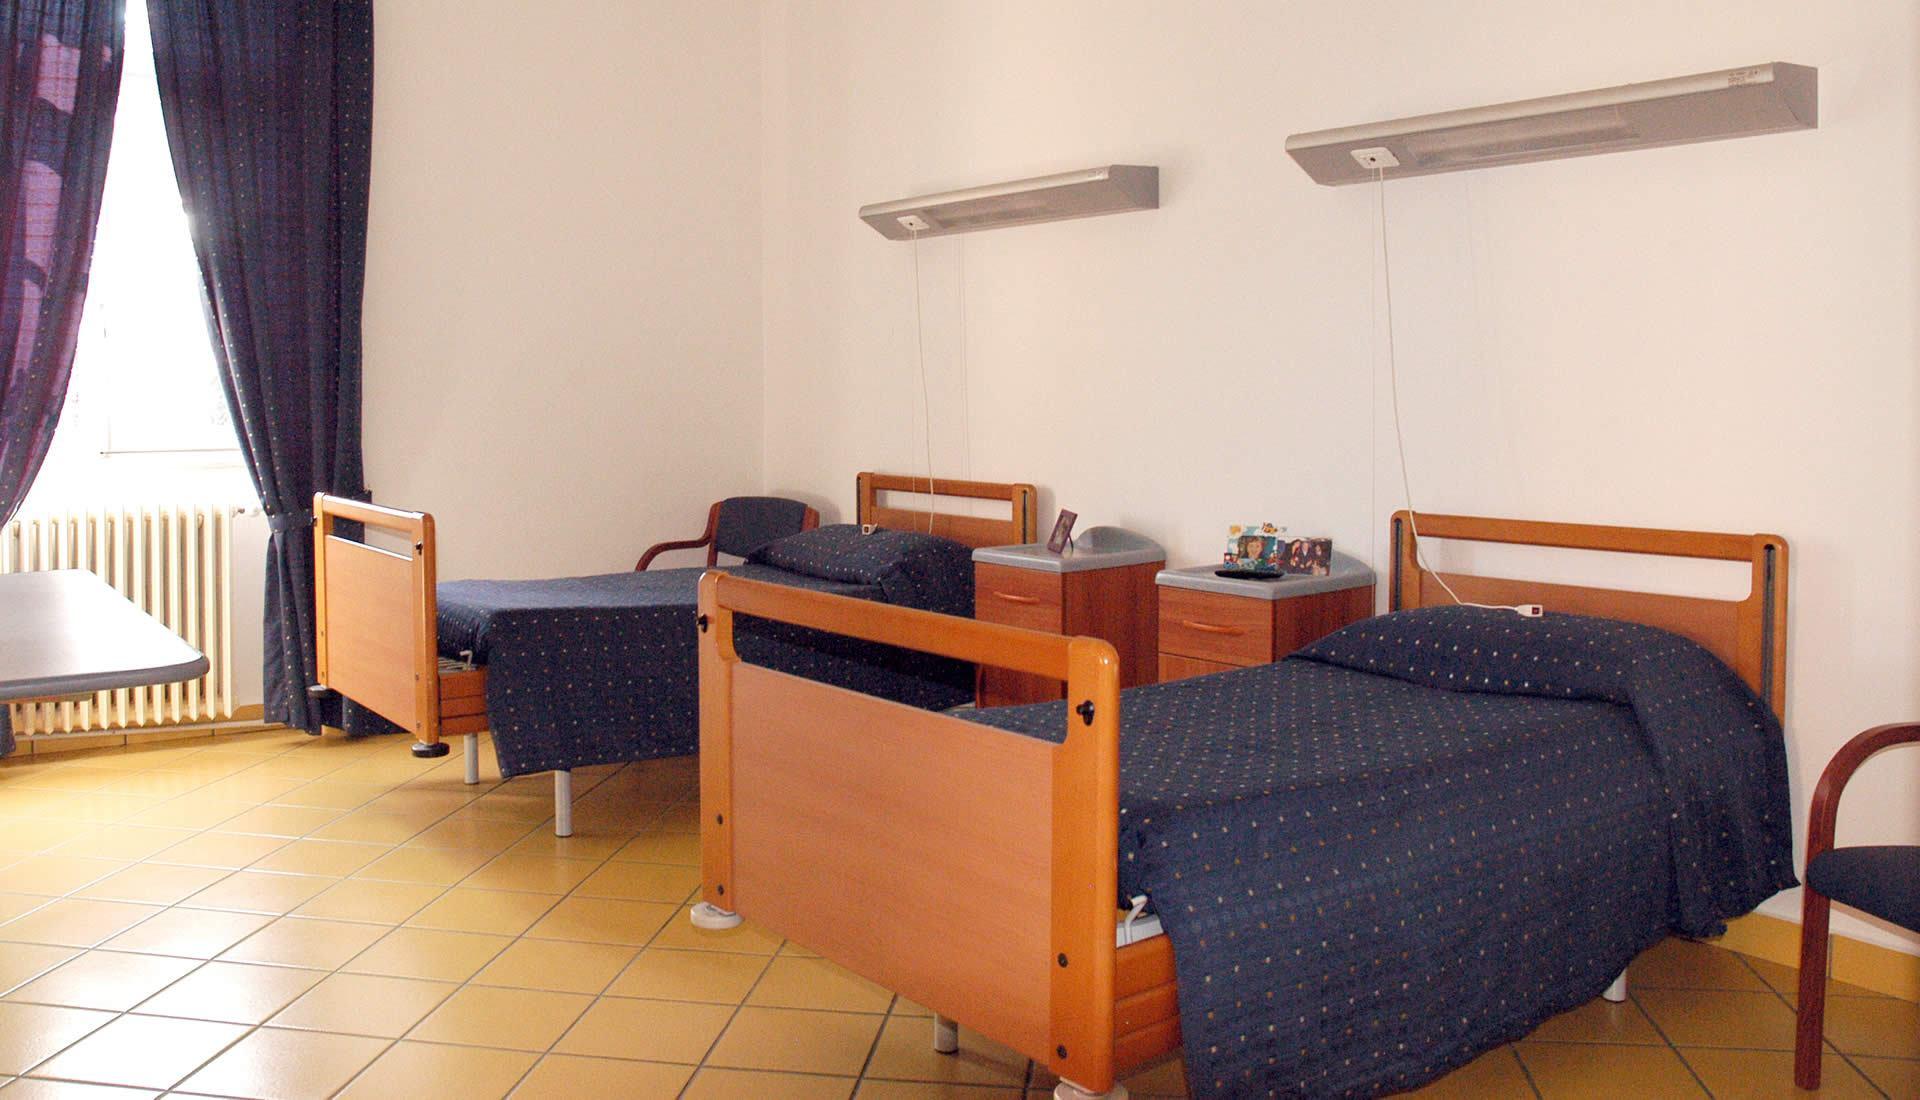 Casa di riposo o trinchieri a romagnano sesia provincia for Arredamenti case di riposo